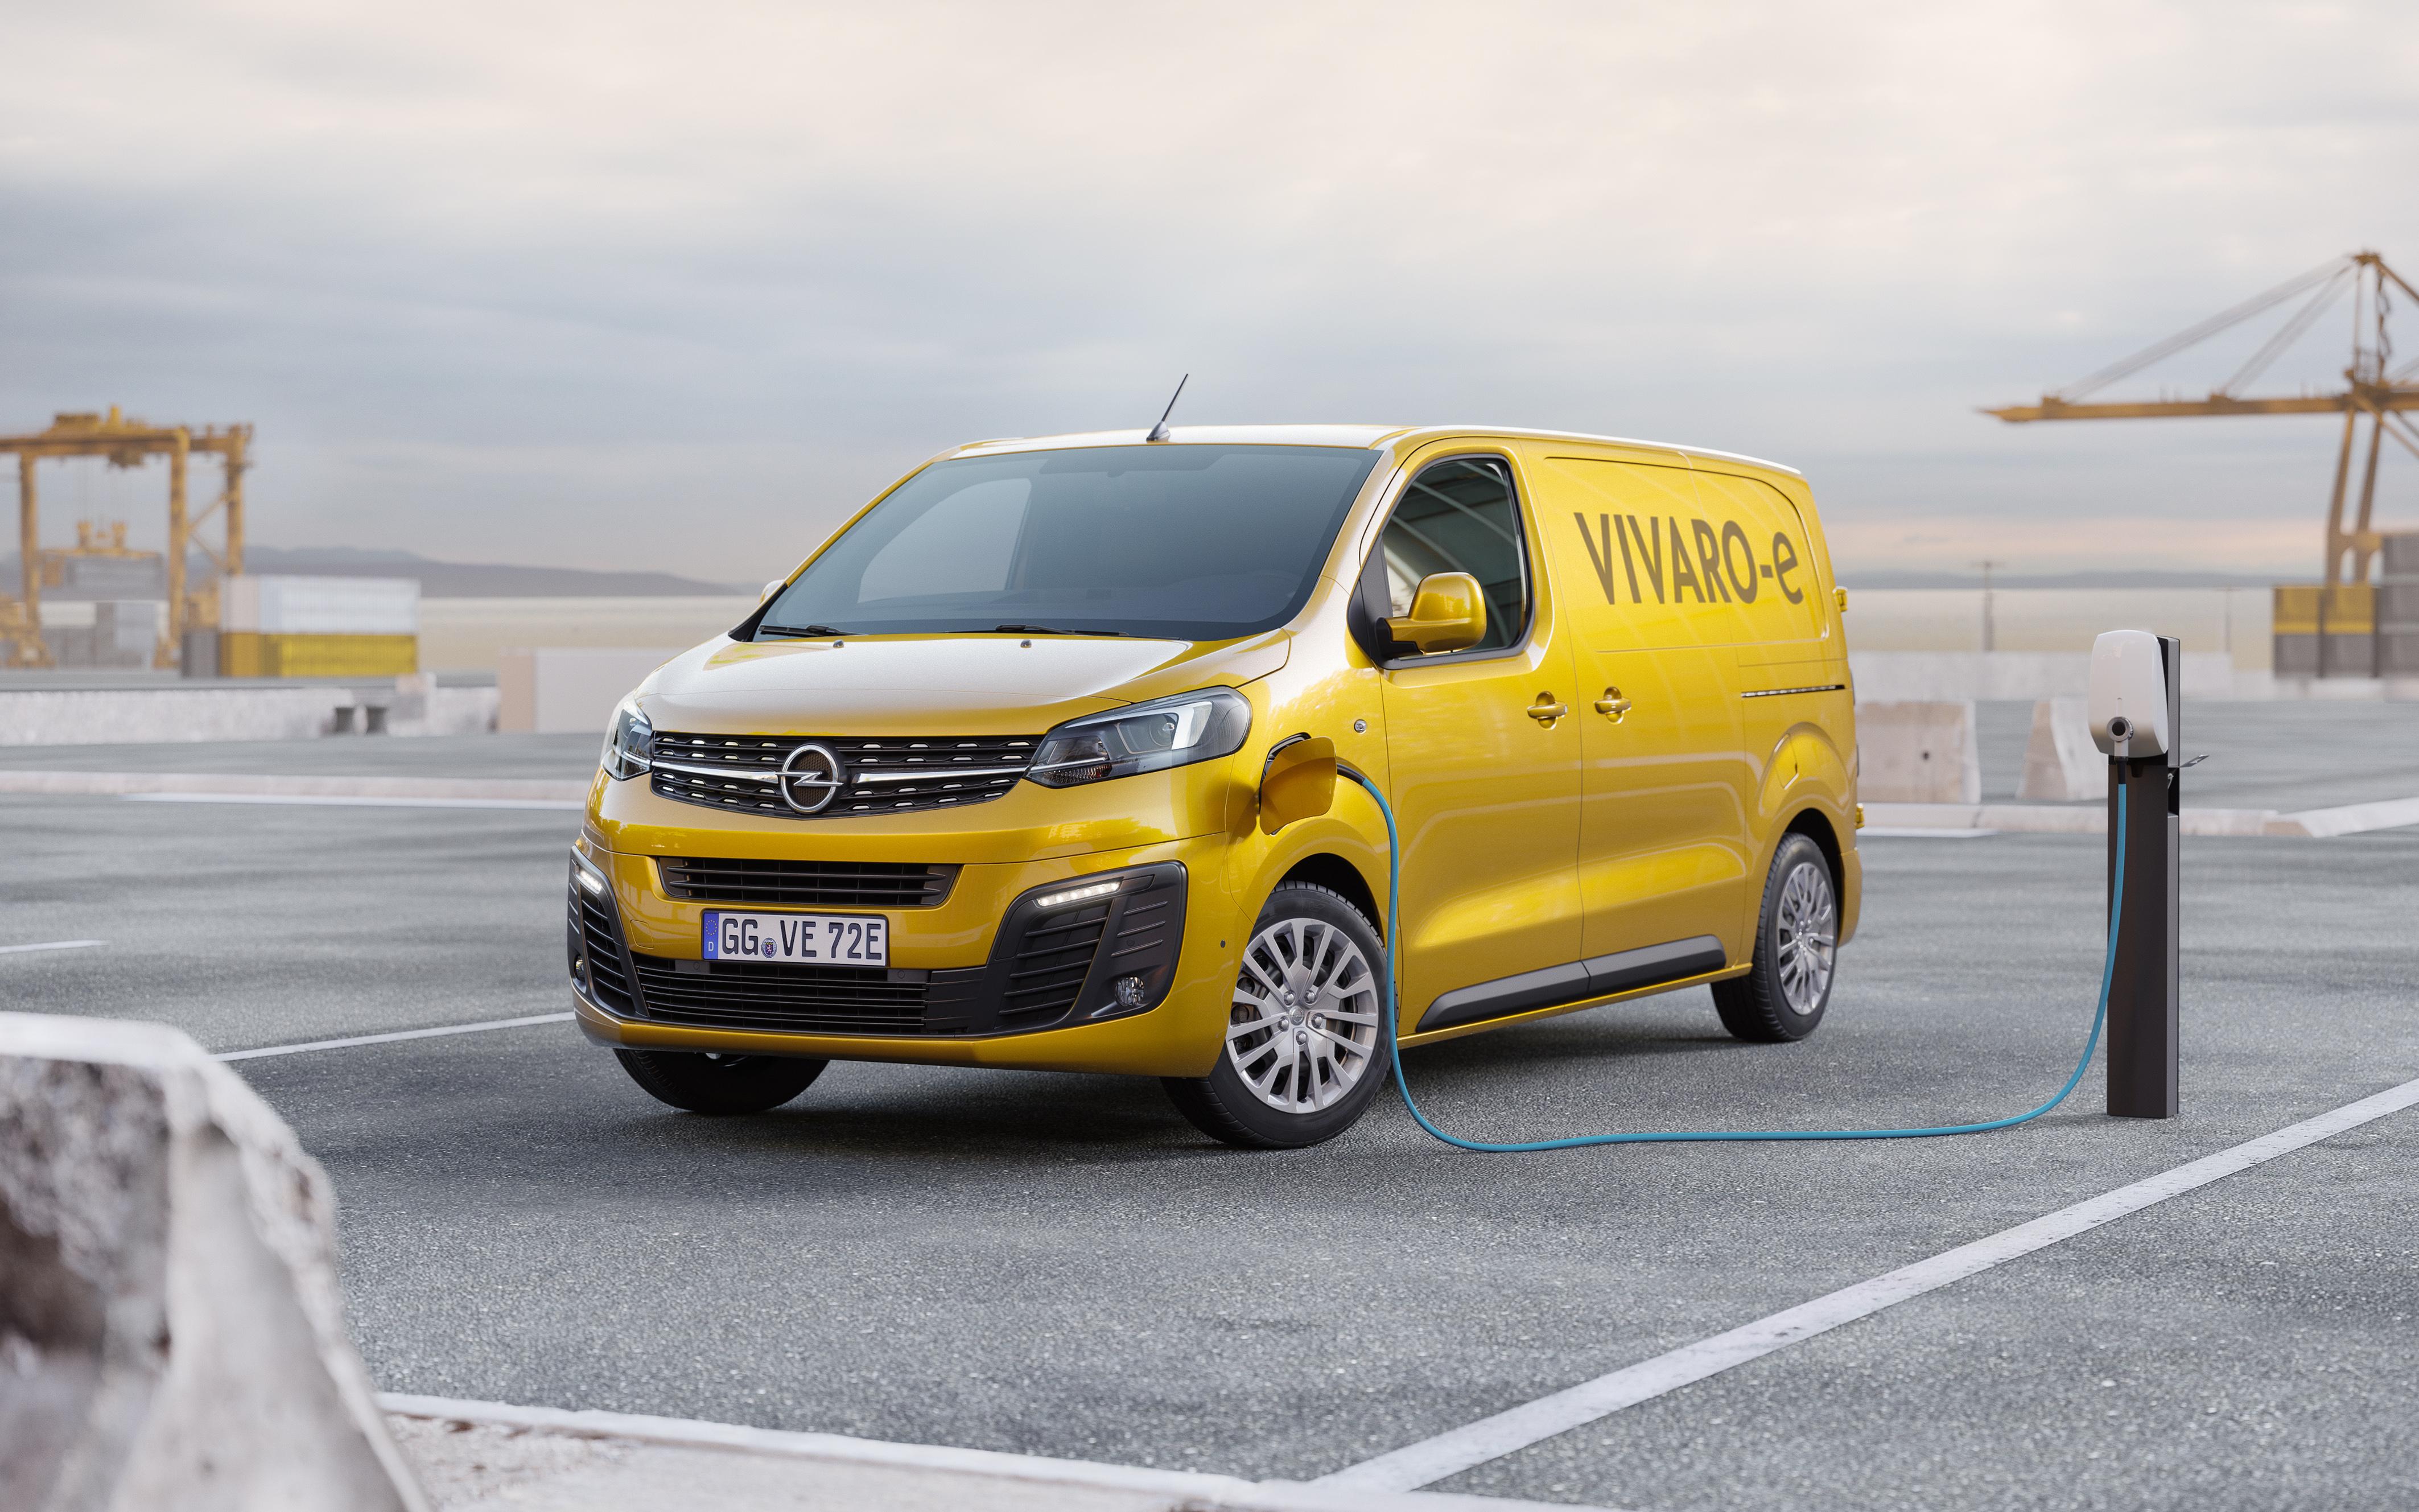 2021 Opel Vivaro Specs